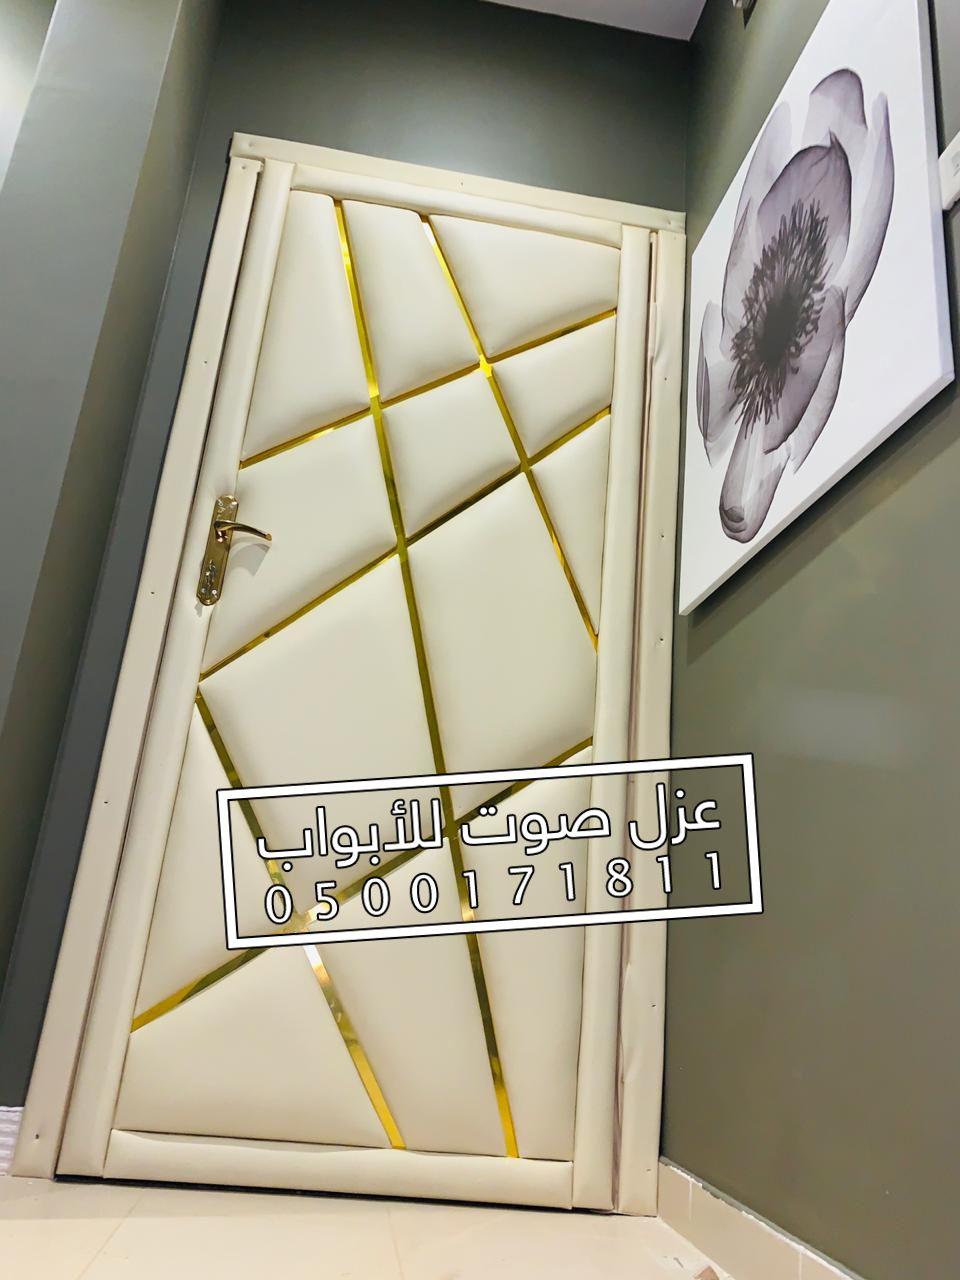 عازل قوي للابواب Home Decor Decor Frame